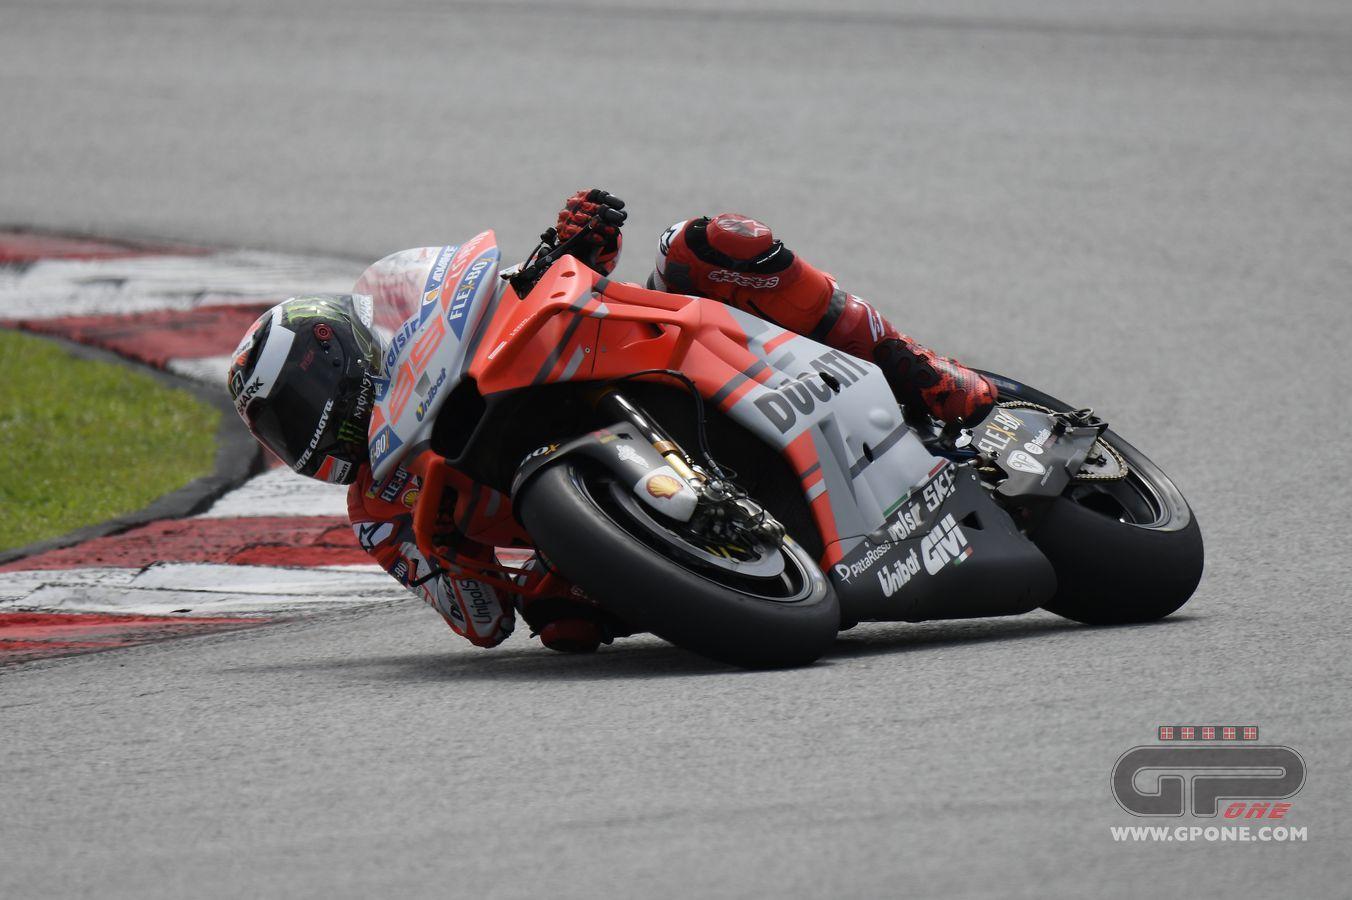 Moto Gp, A Sepang il più veloce è Jorge Lorenzo. Rossi ottavo